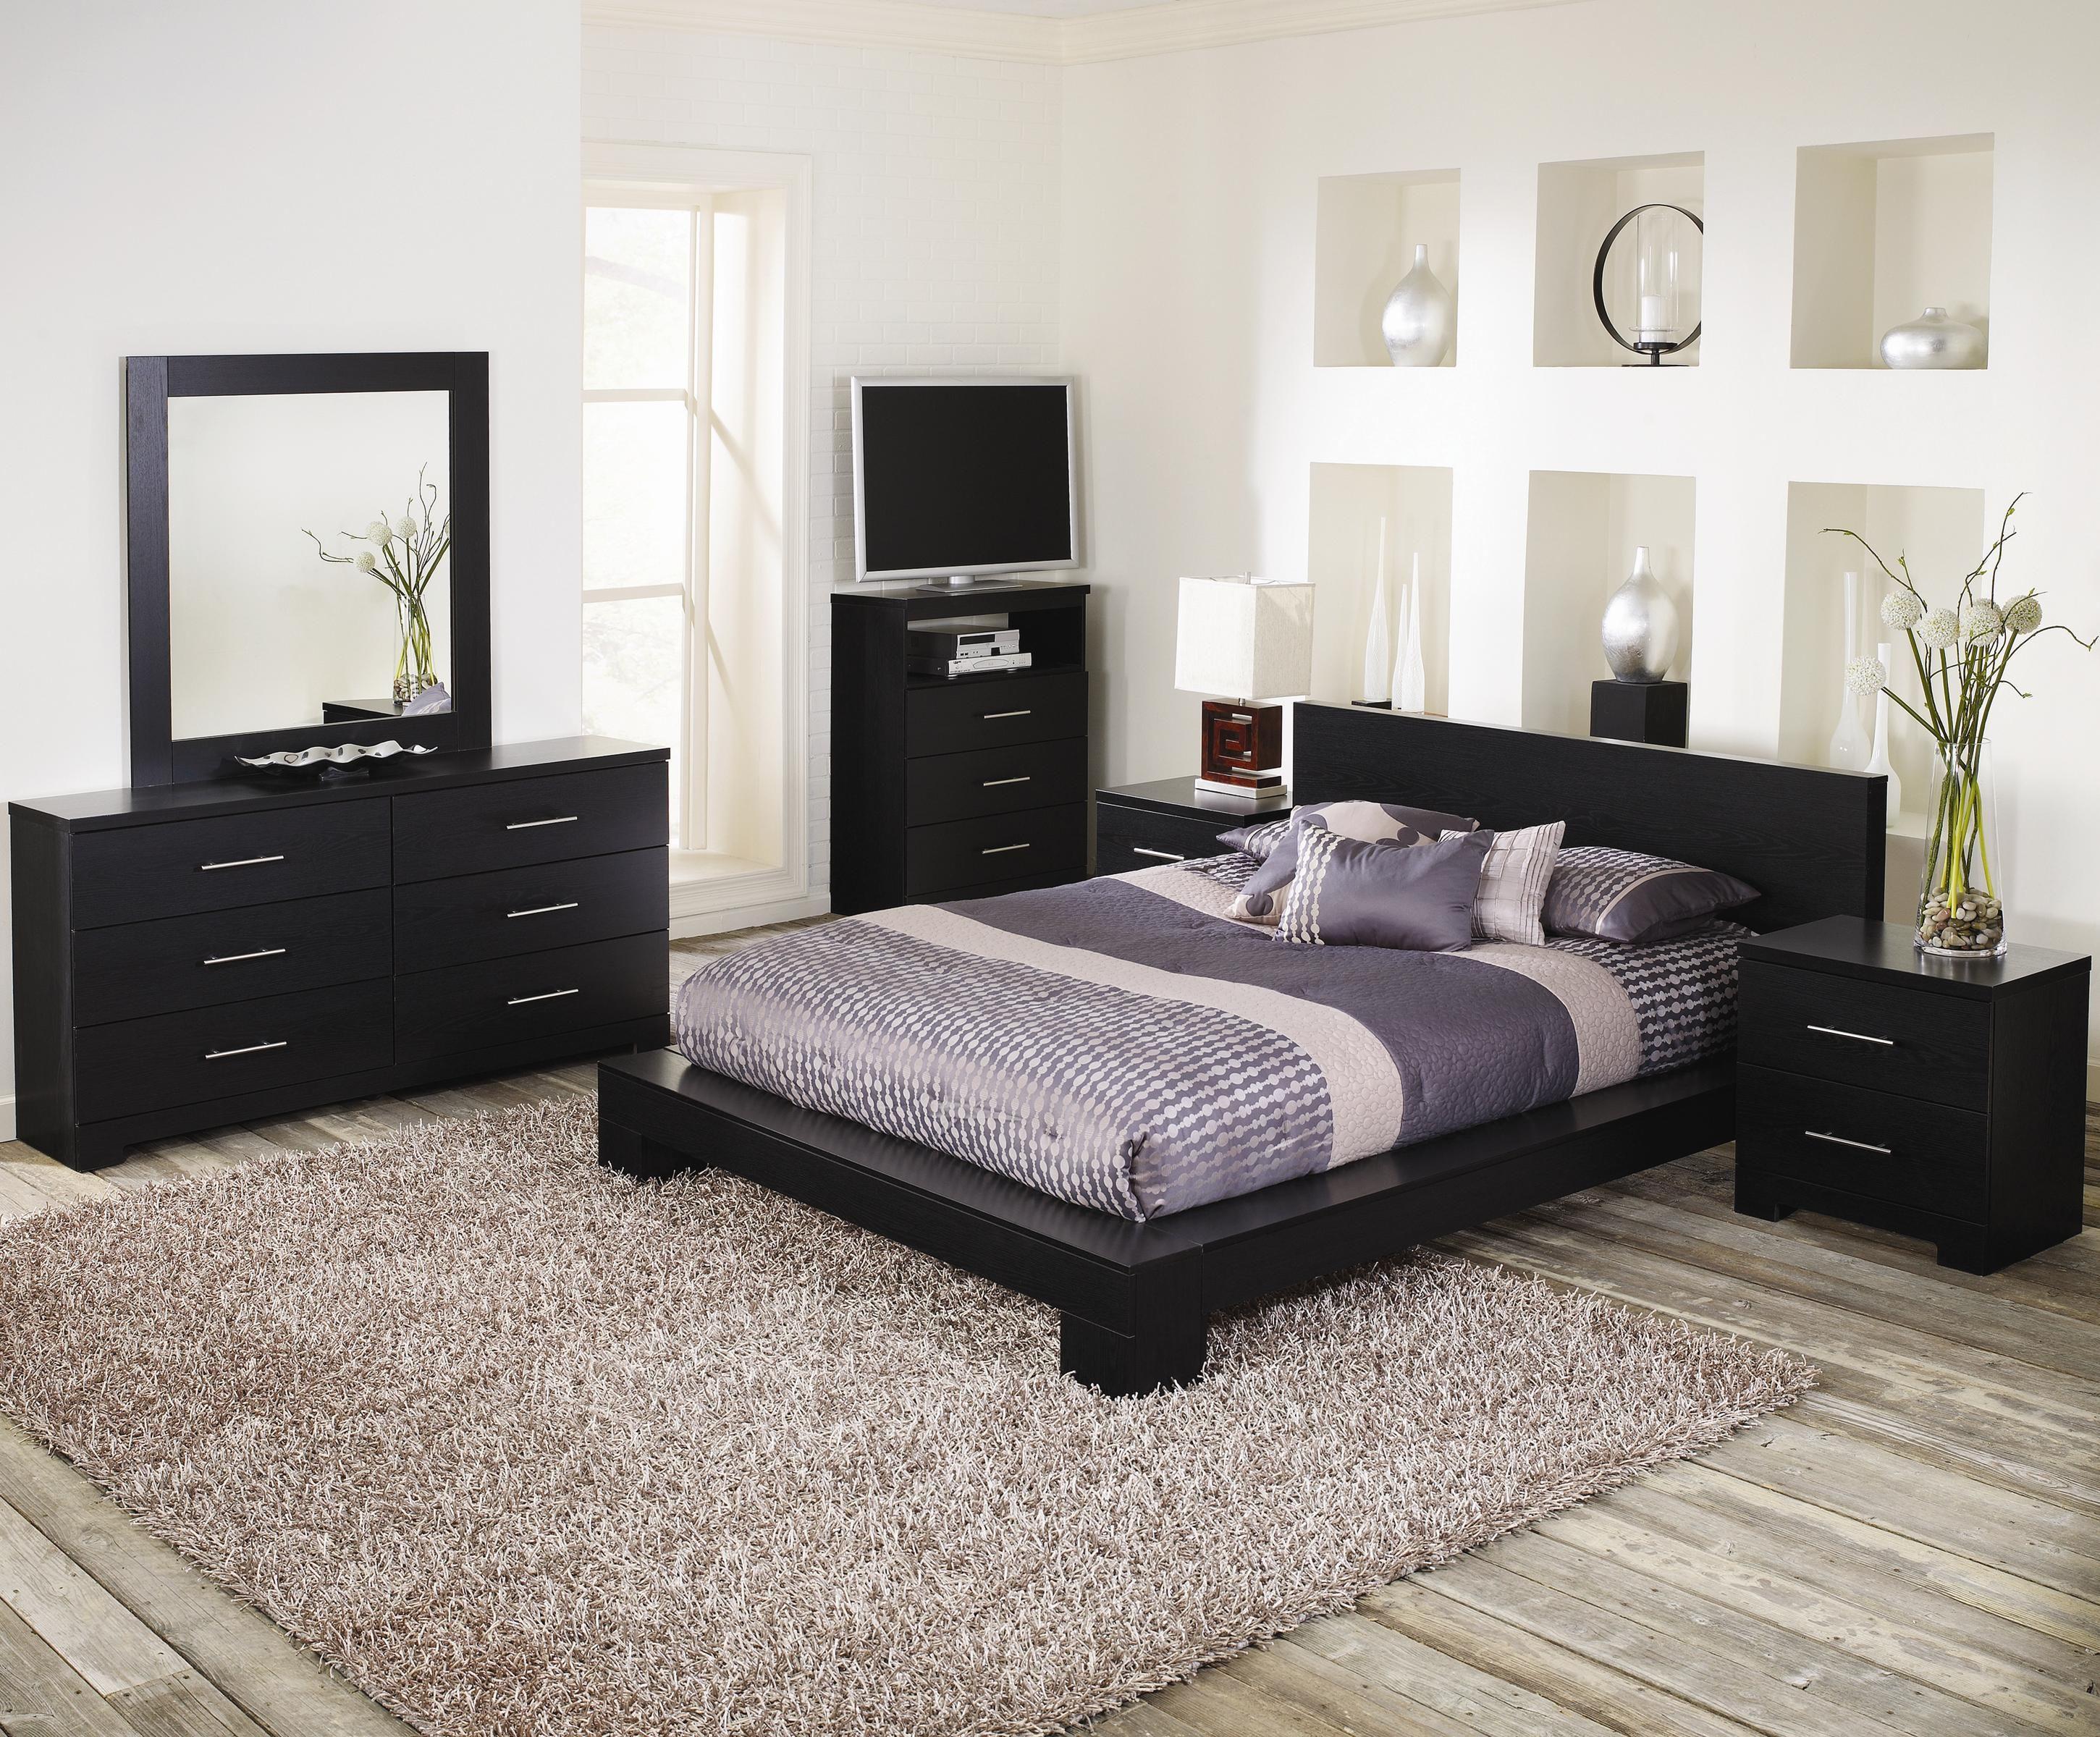 Platform Bedroom Sets Queen lang furniture - brooklyn cinder platform oak bedroom set | for